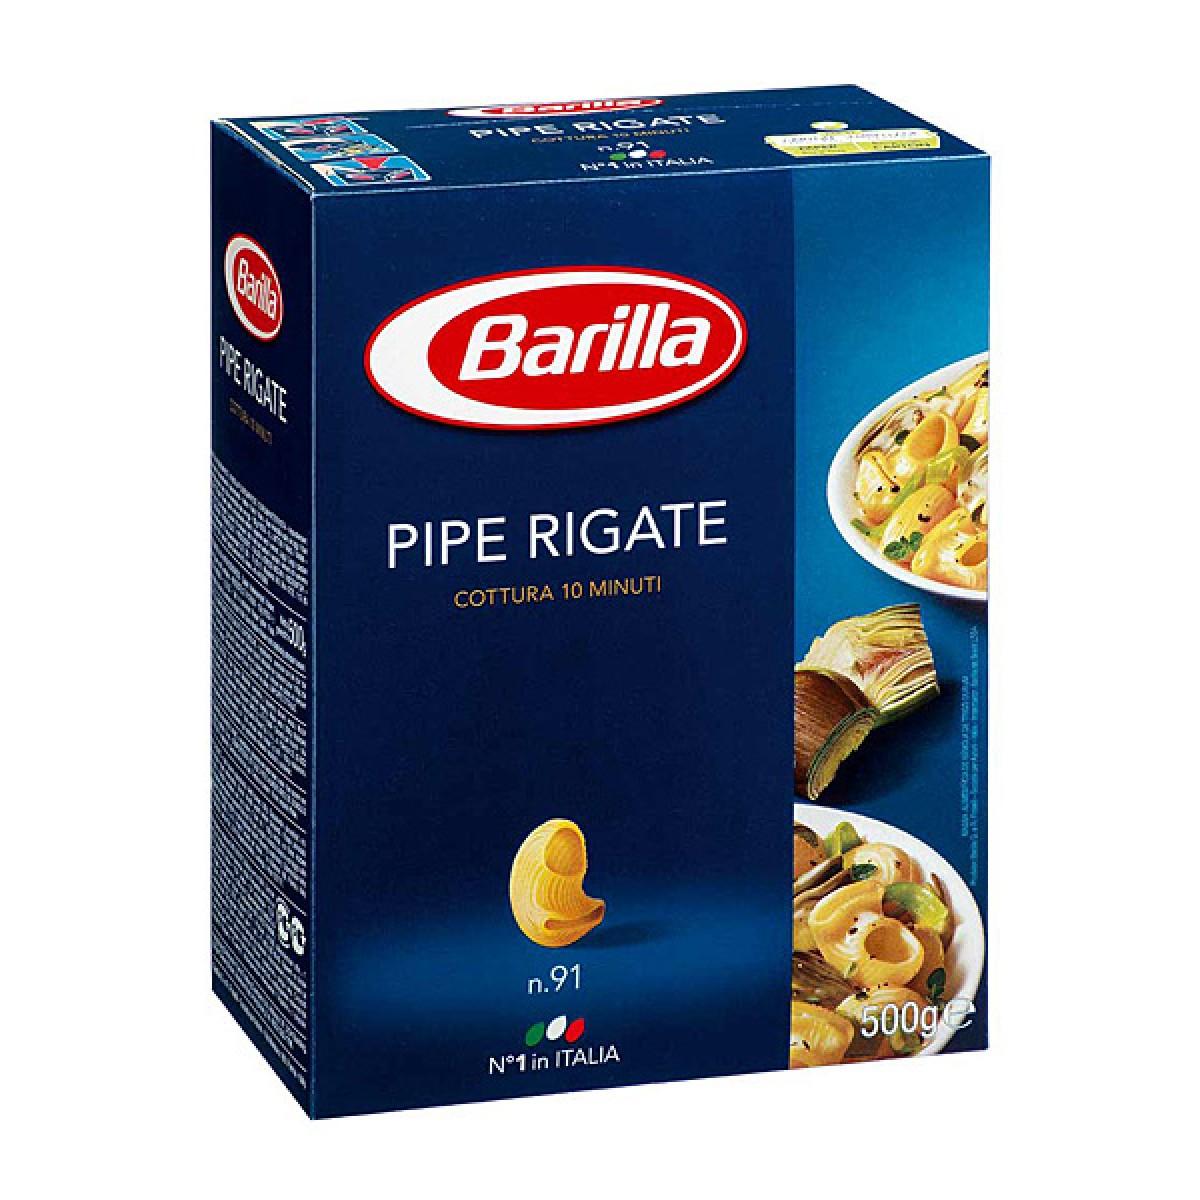 Pipe rigate, Barilla (500 g)